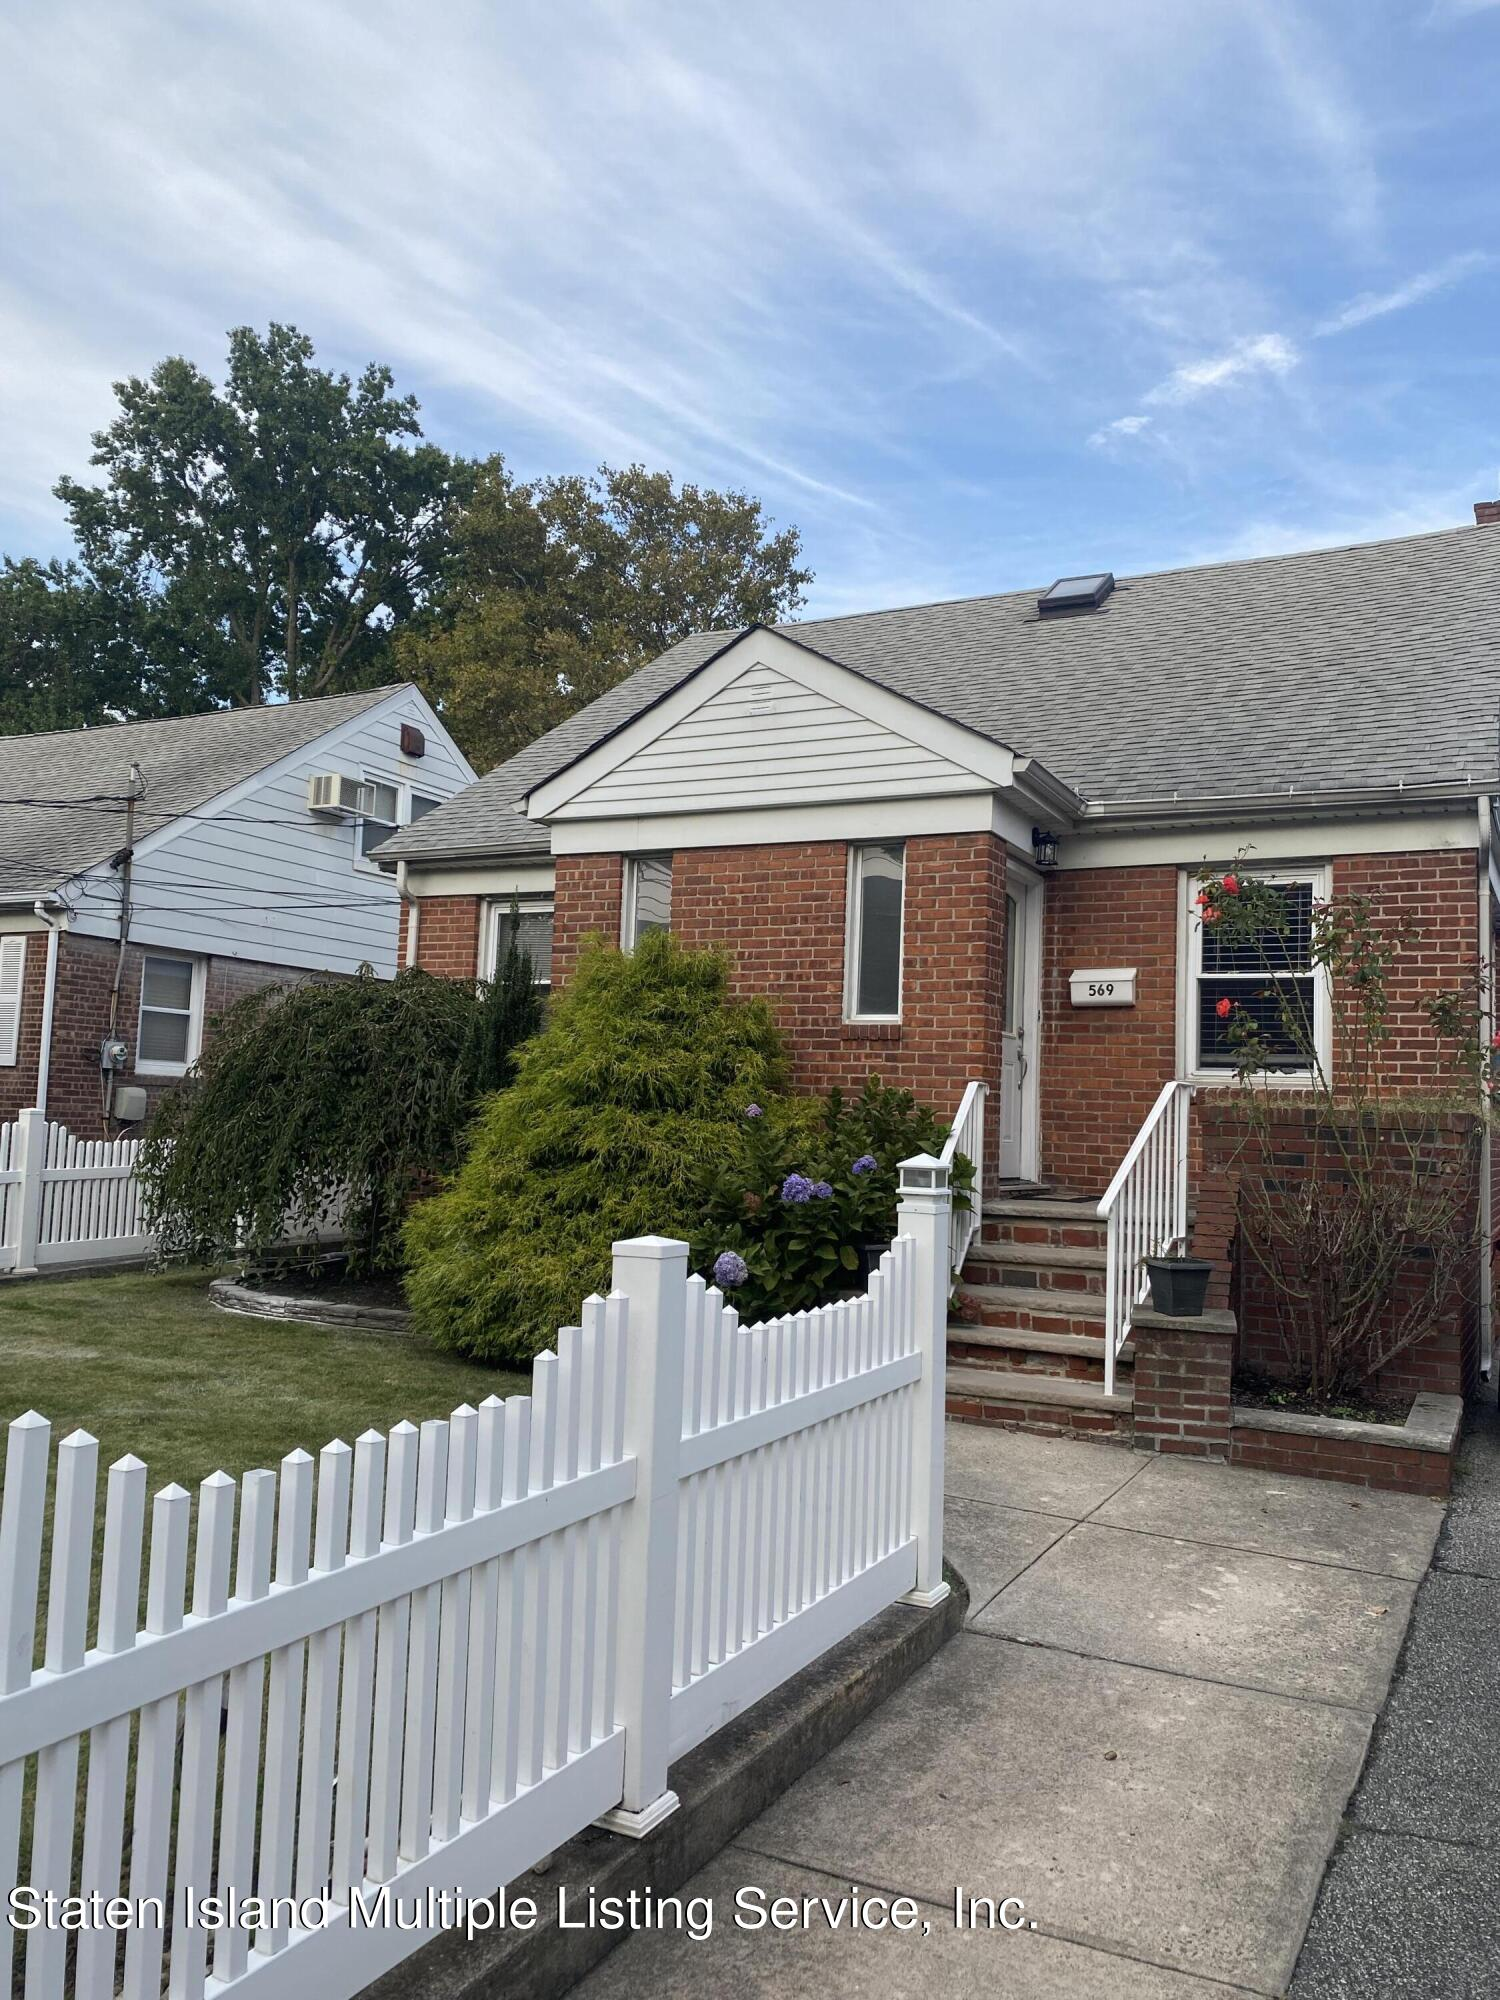 Single Family - Detached 569 Oakland Avenue  Staten Island, NY 10310, MLS-1149608-2